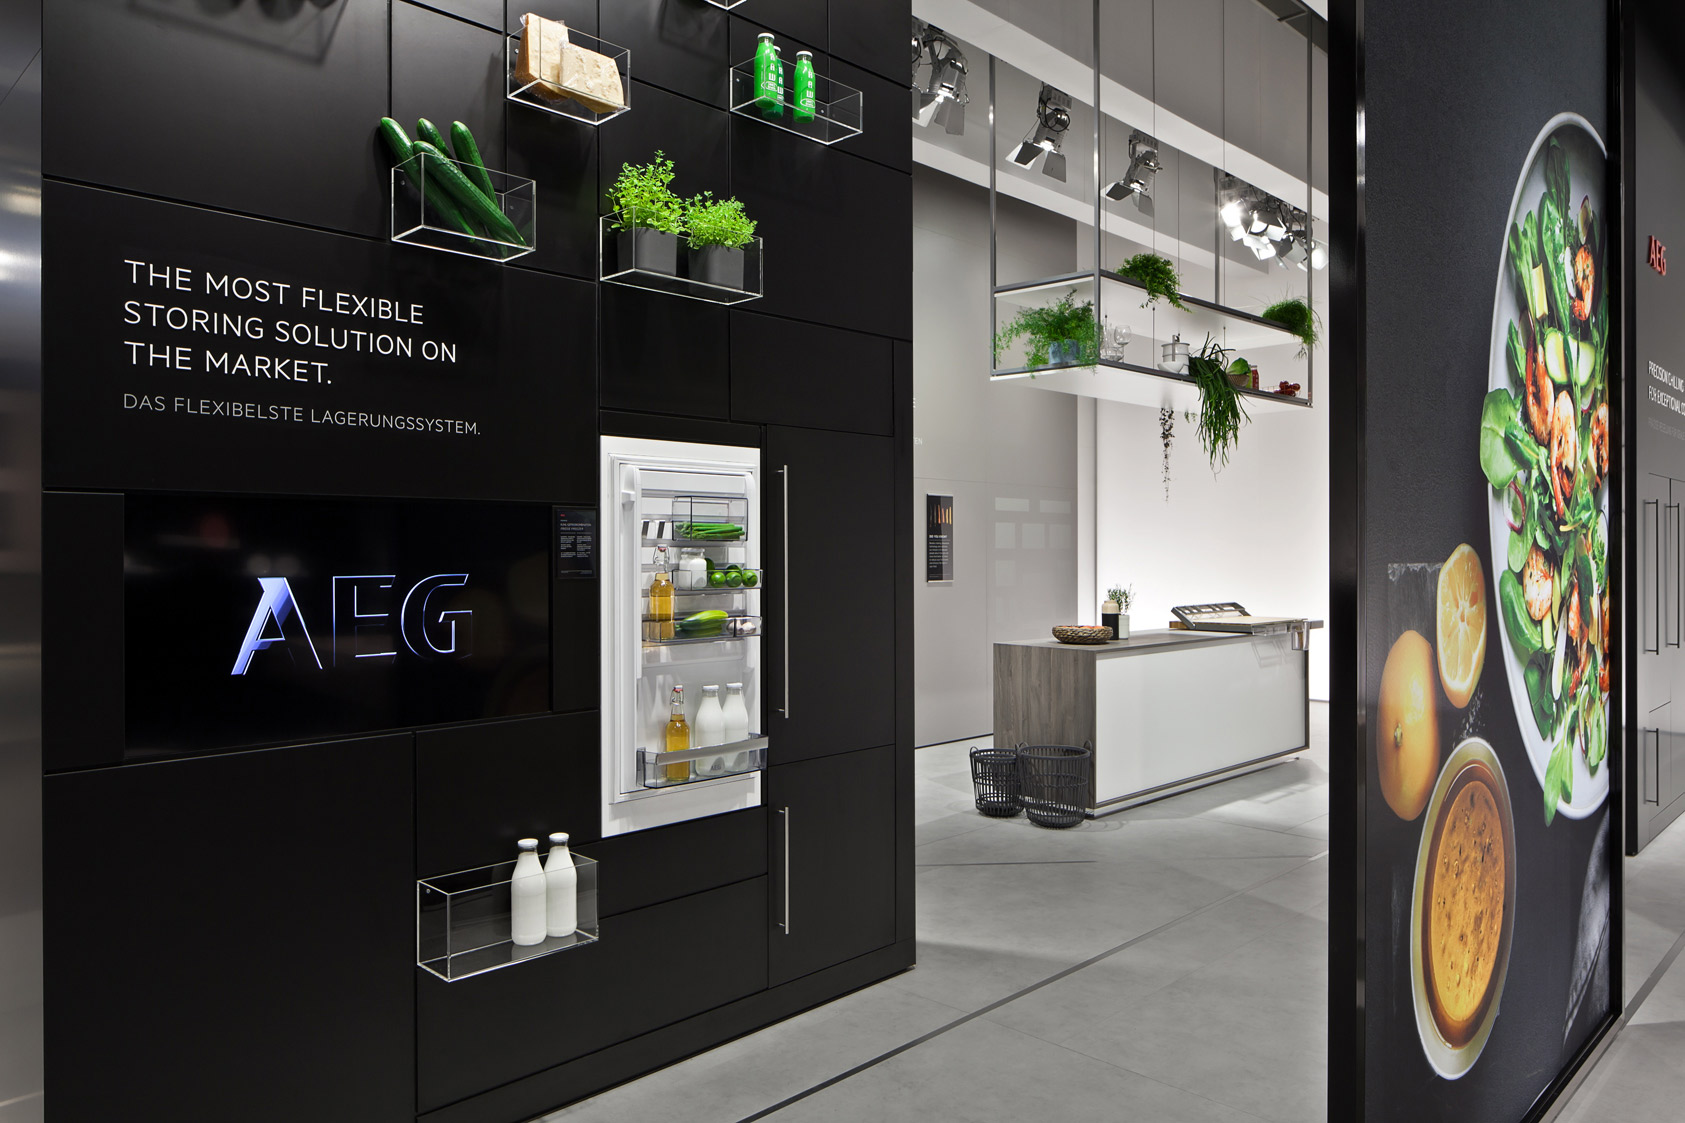 Aeg Kühlschrank Wo Hergestellt : Neuer markenauftritt von aeg haushaltsgeräte u design tagebuch